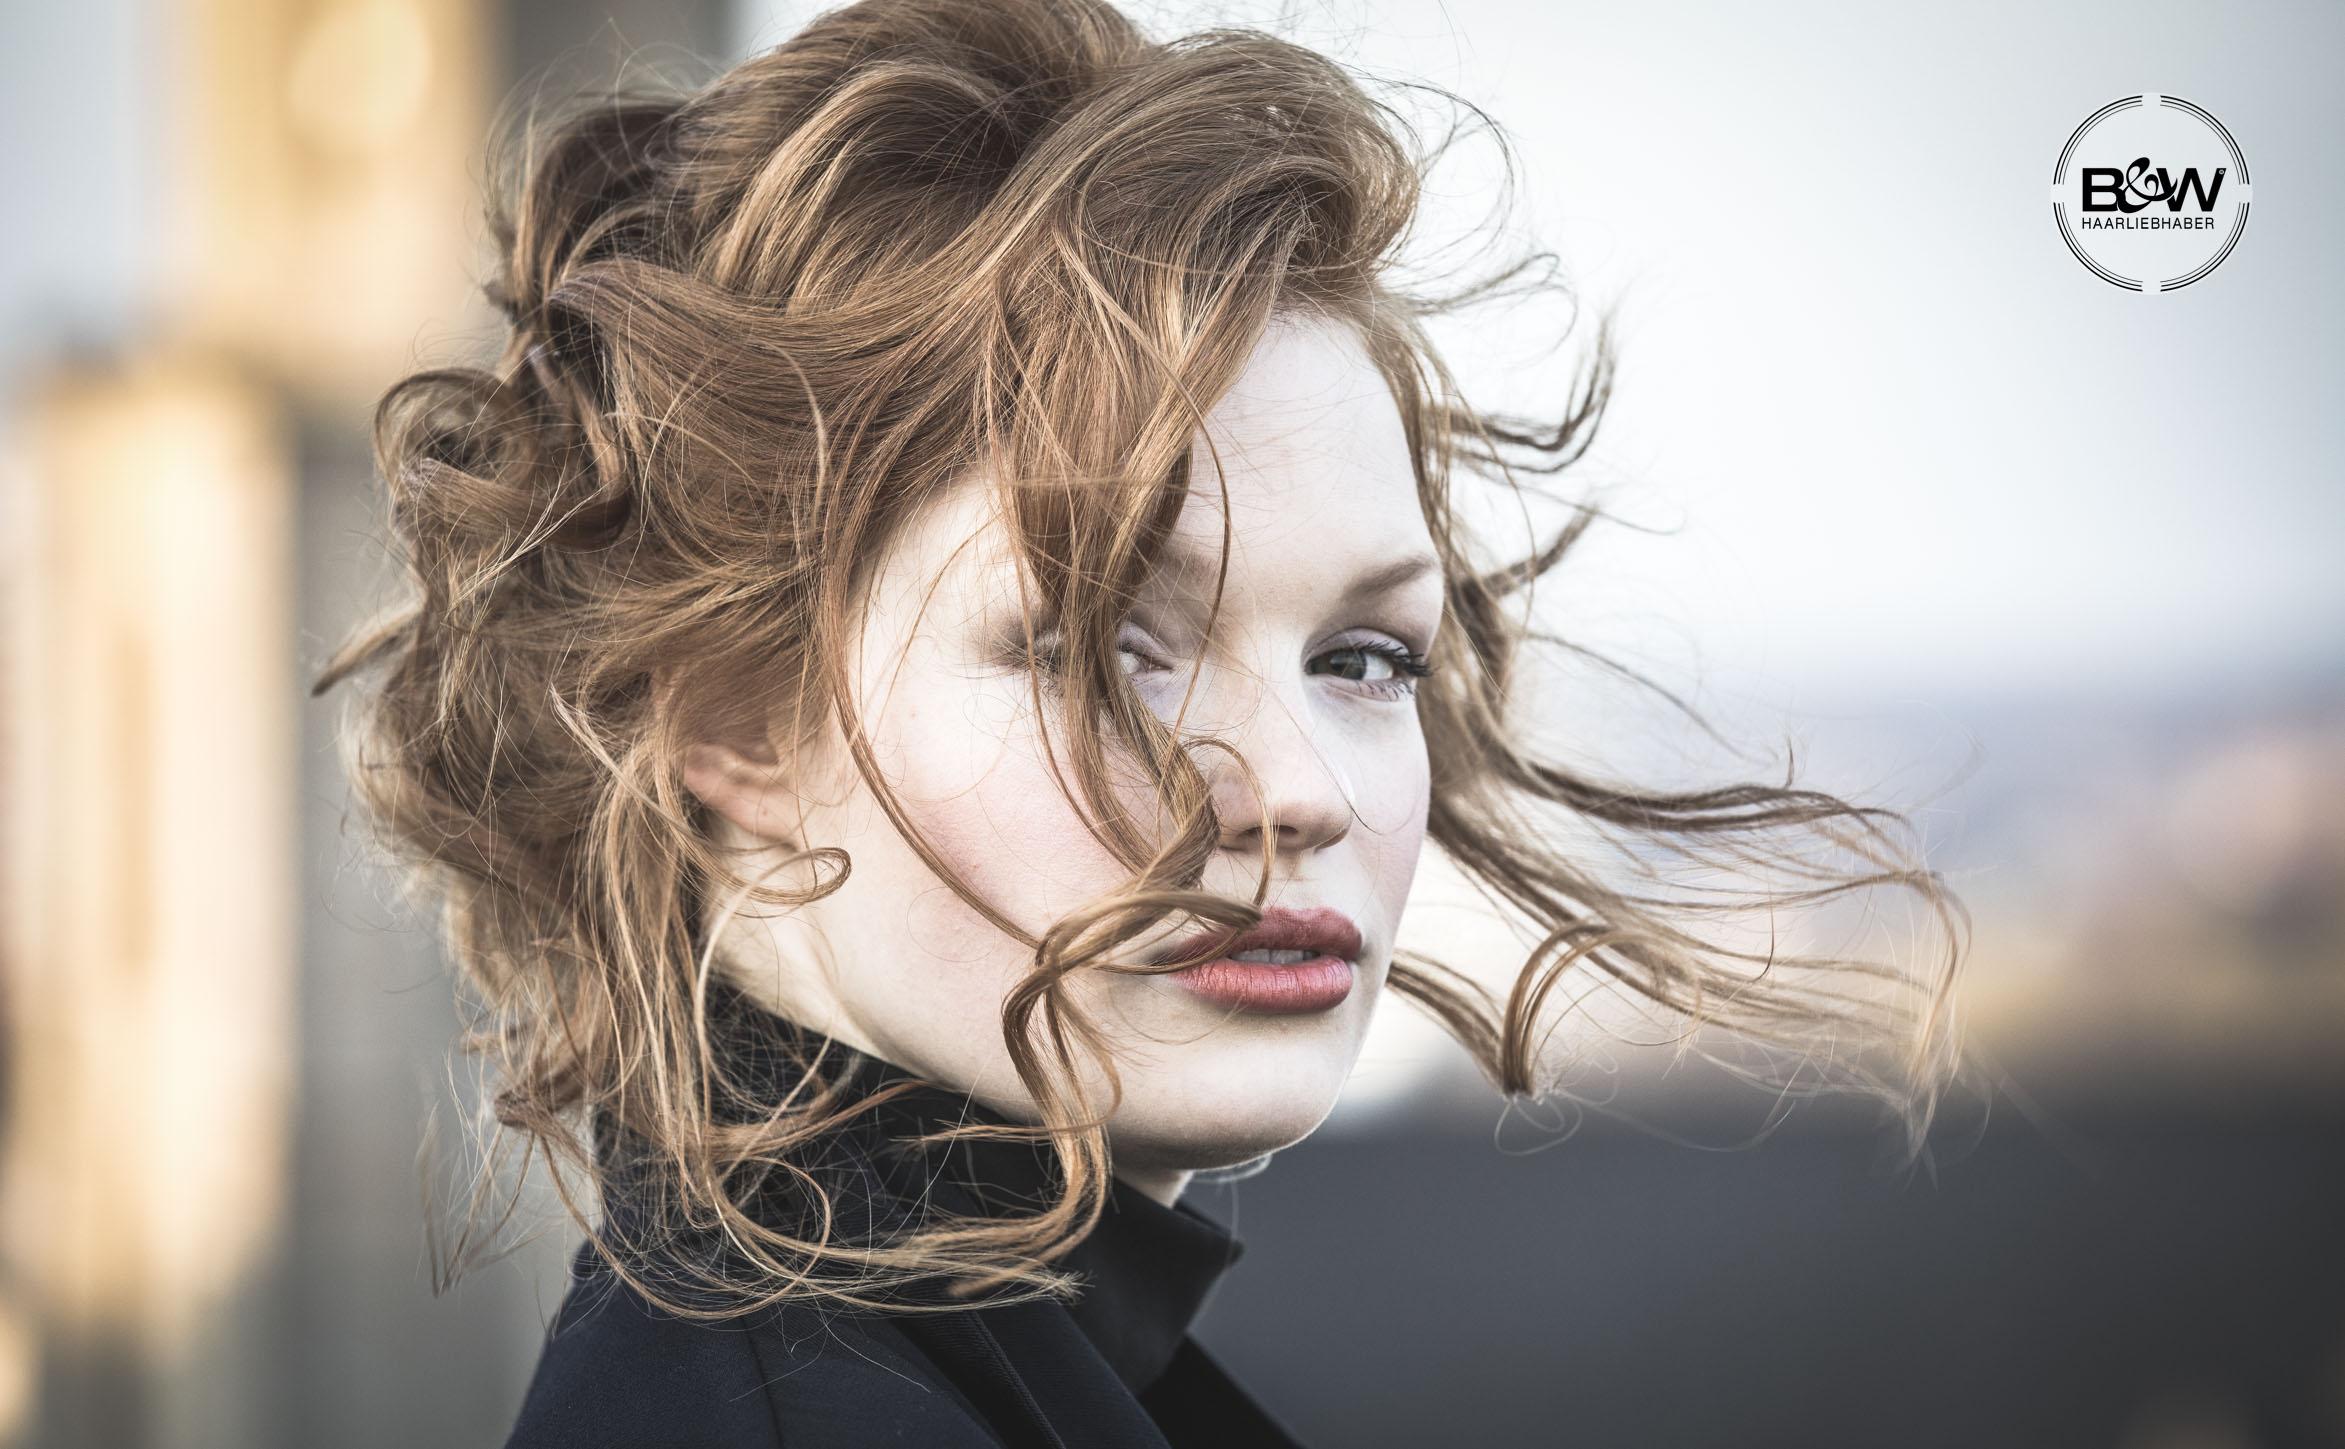 41_B&W-Friseure_Haarliebhaber_Friseur-Dortmund_Kosmetikprodukt_beste-Haarpflege_bester-Friseur_Malvins_at-malvins_Haar_styling_Deutschland_haarliebhaber